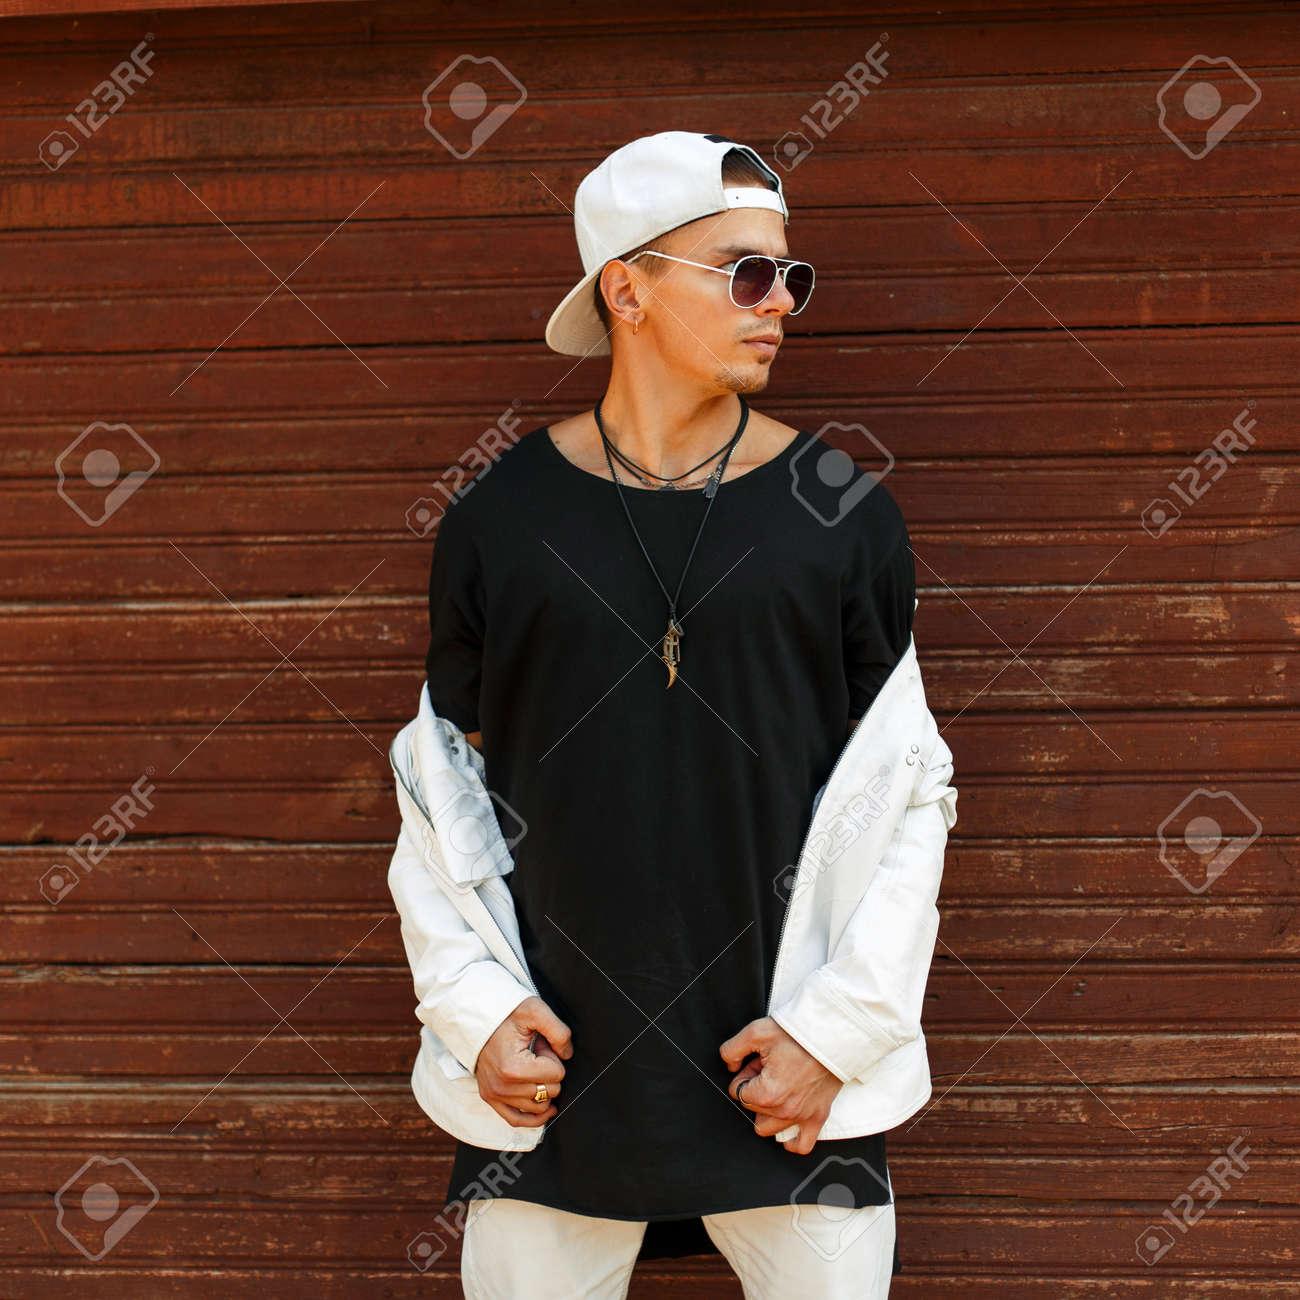 d19039abad47 Hombre guapo de moda en una camiseta negra con una gorra de béisbol blanca  y gafas de sol posando cerca de una pared de madera